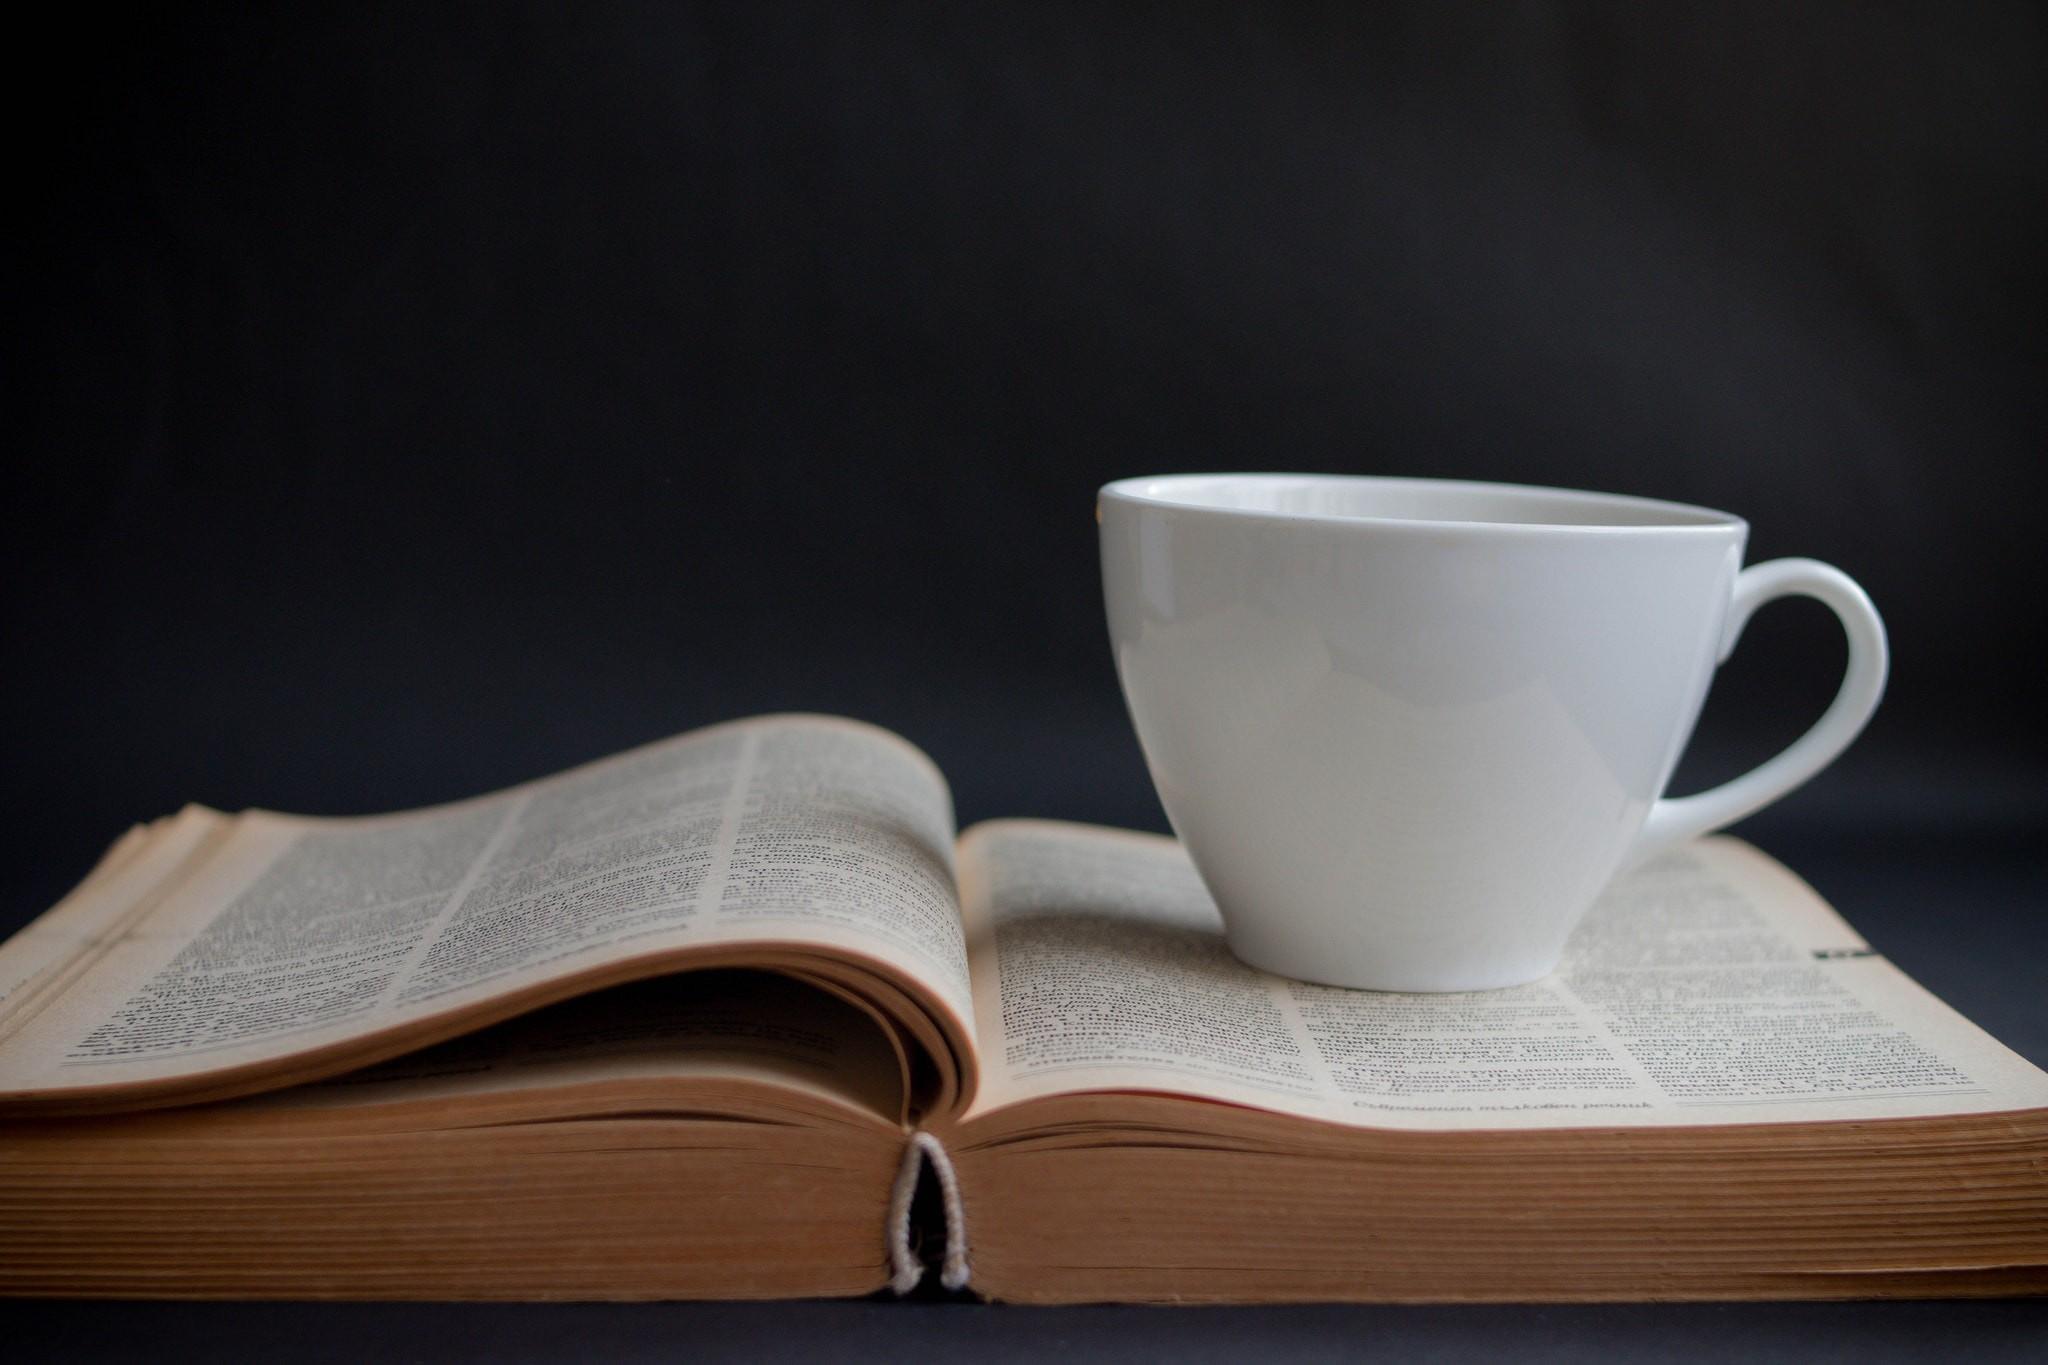 Kaffeepause mit einem guten Buch | © Marco Verch/Flickr